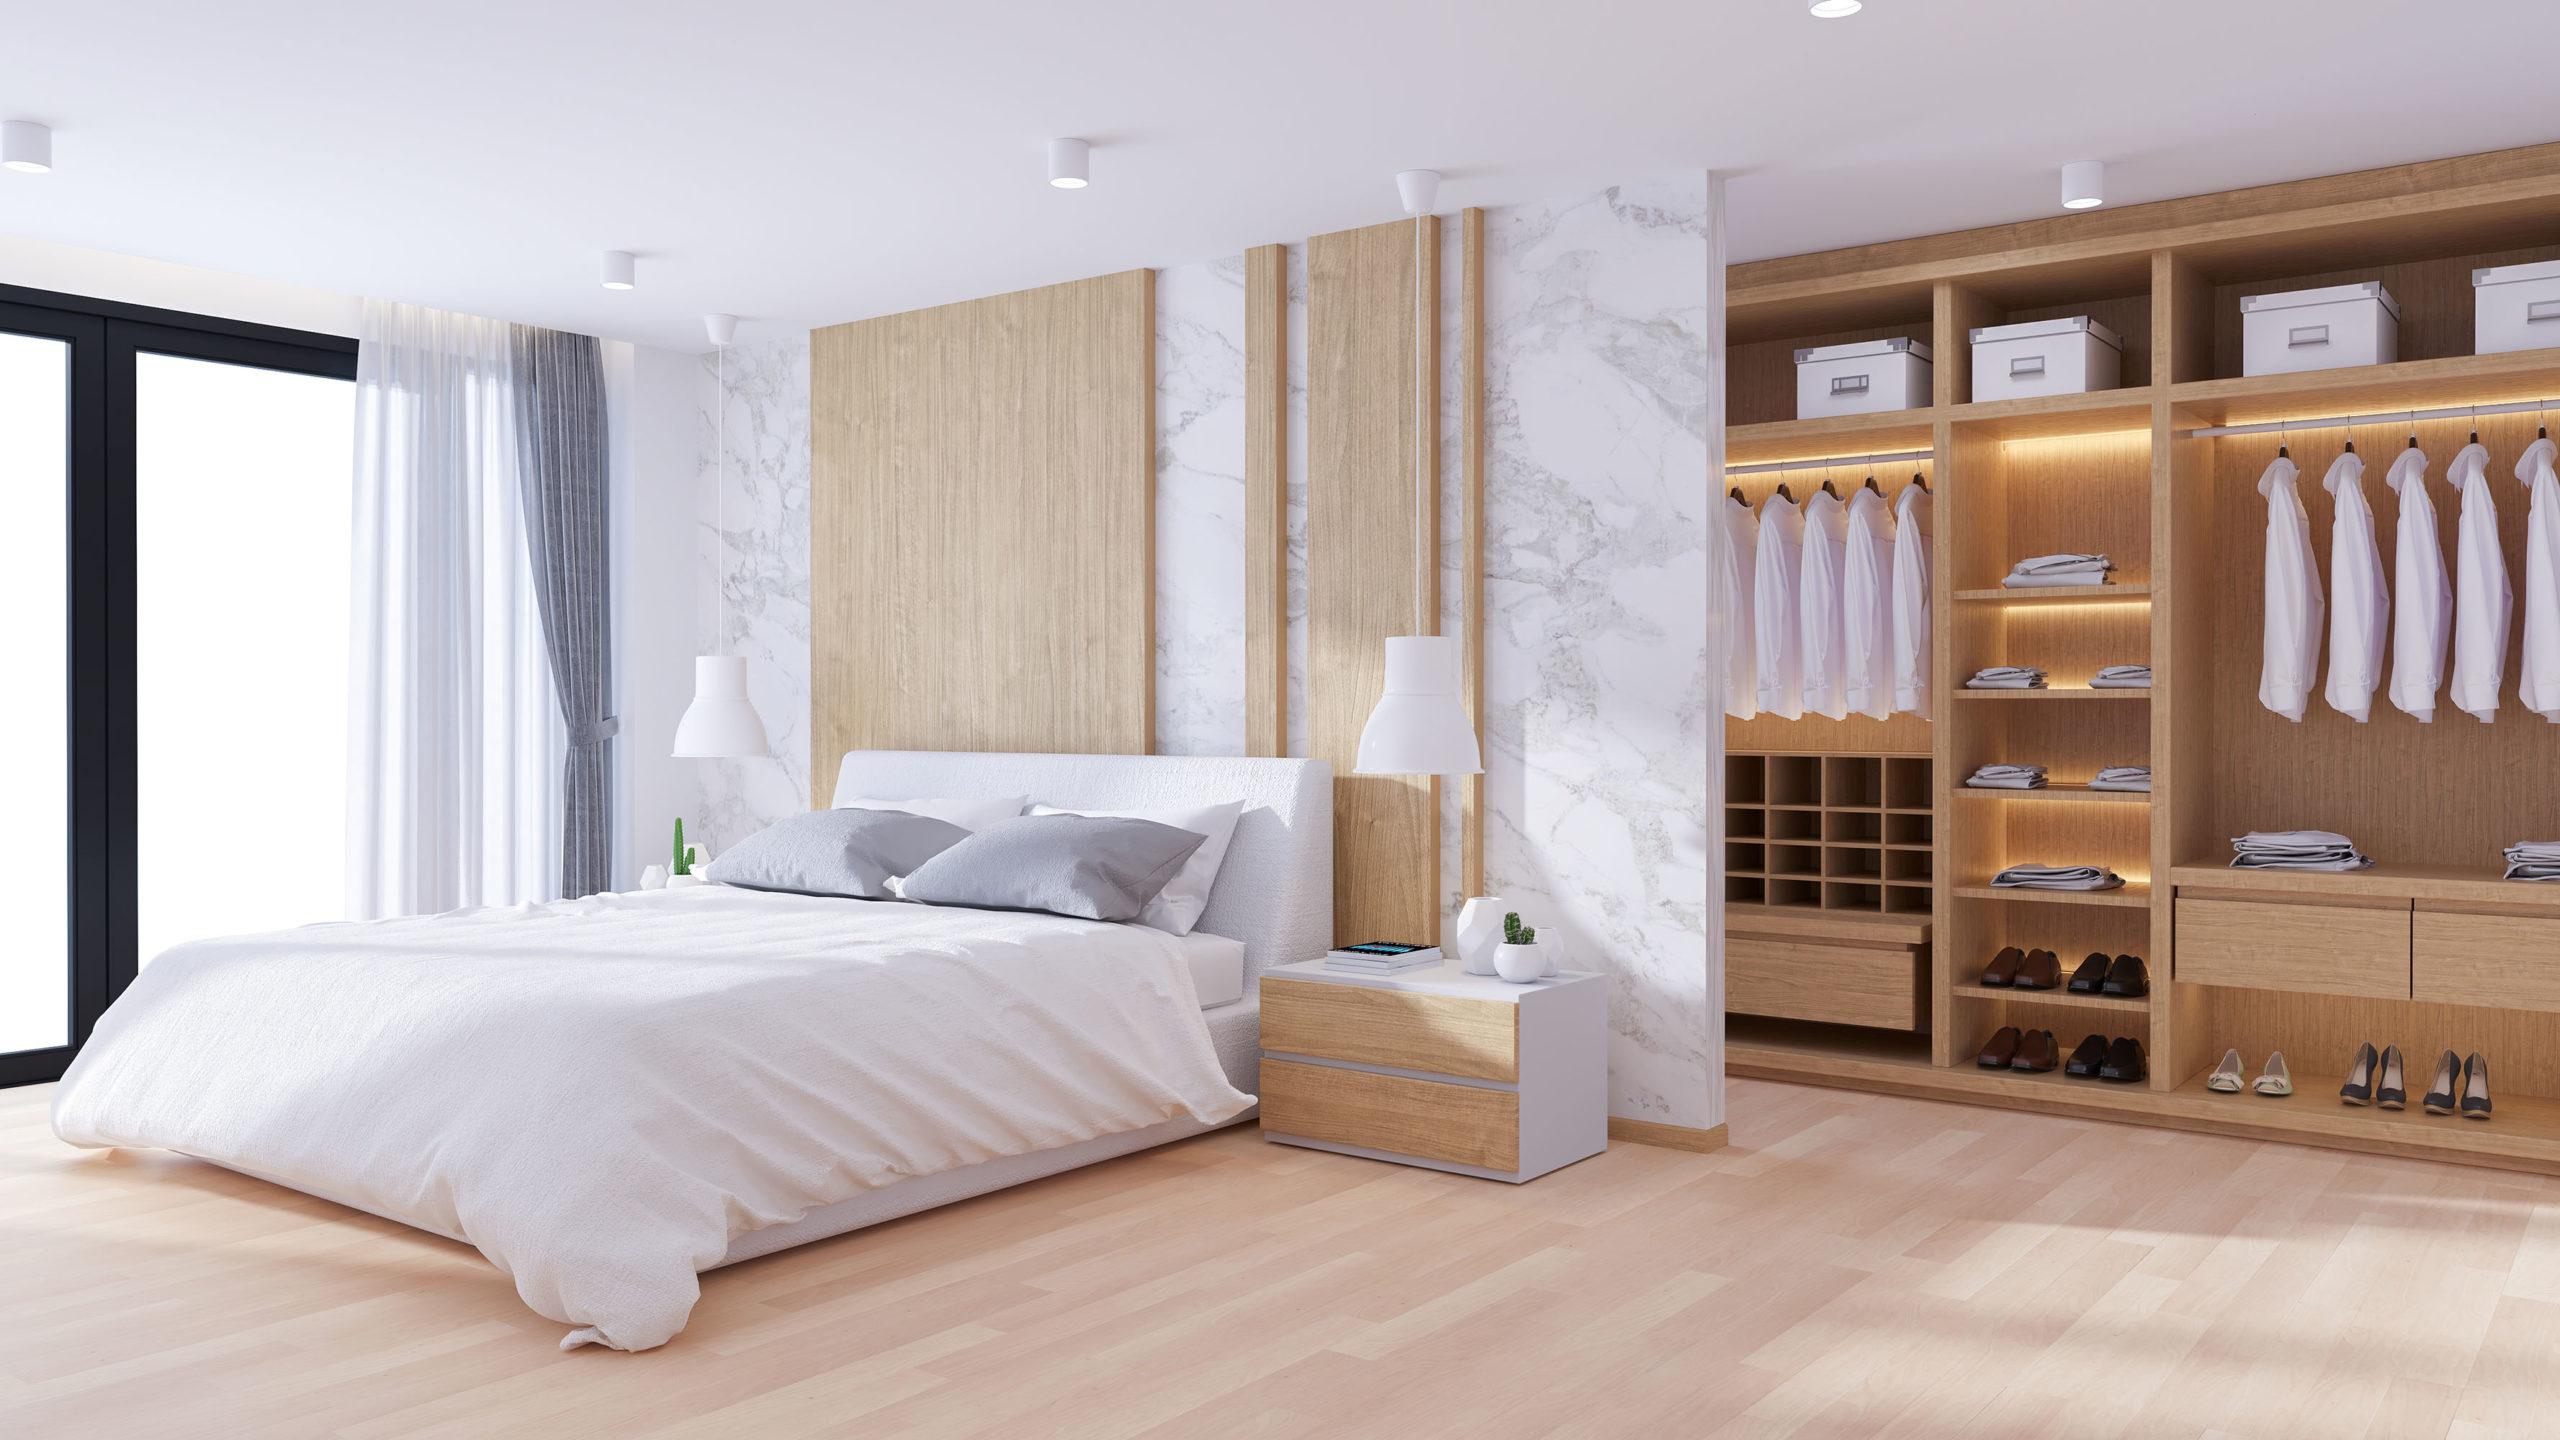 Création et conception de dressing, agencement intérieur, meuble sur-mesure